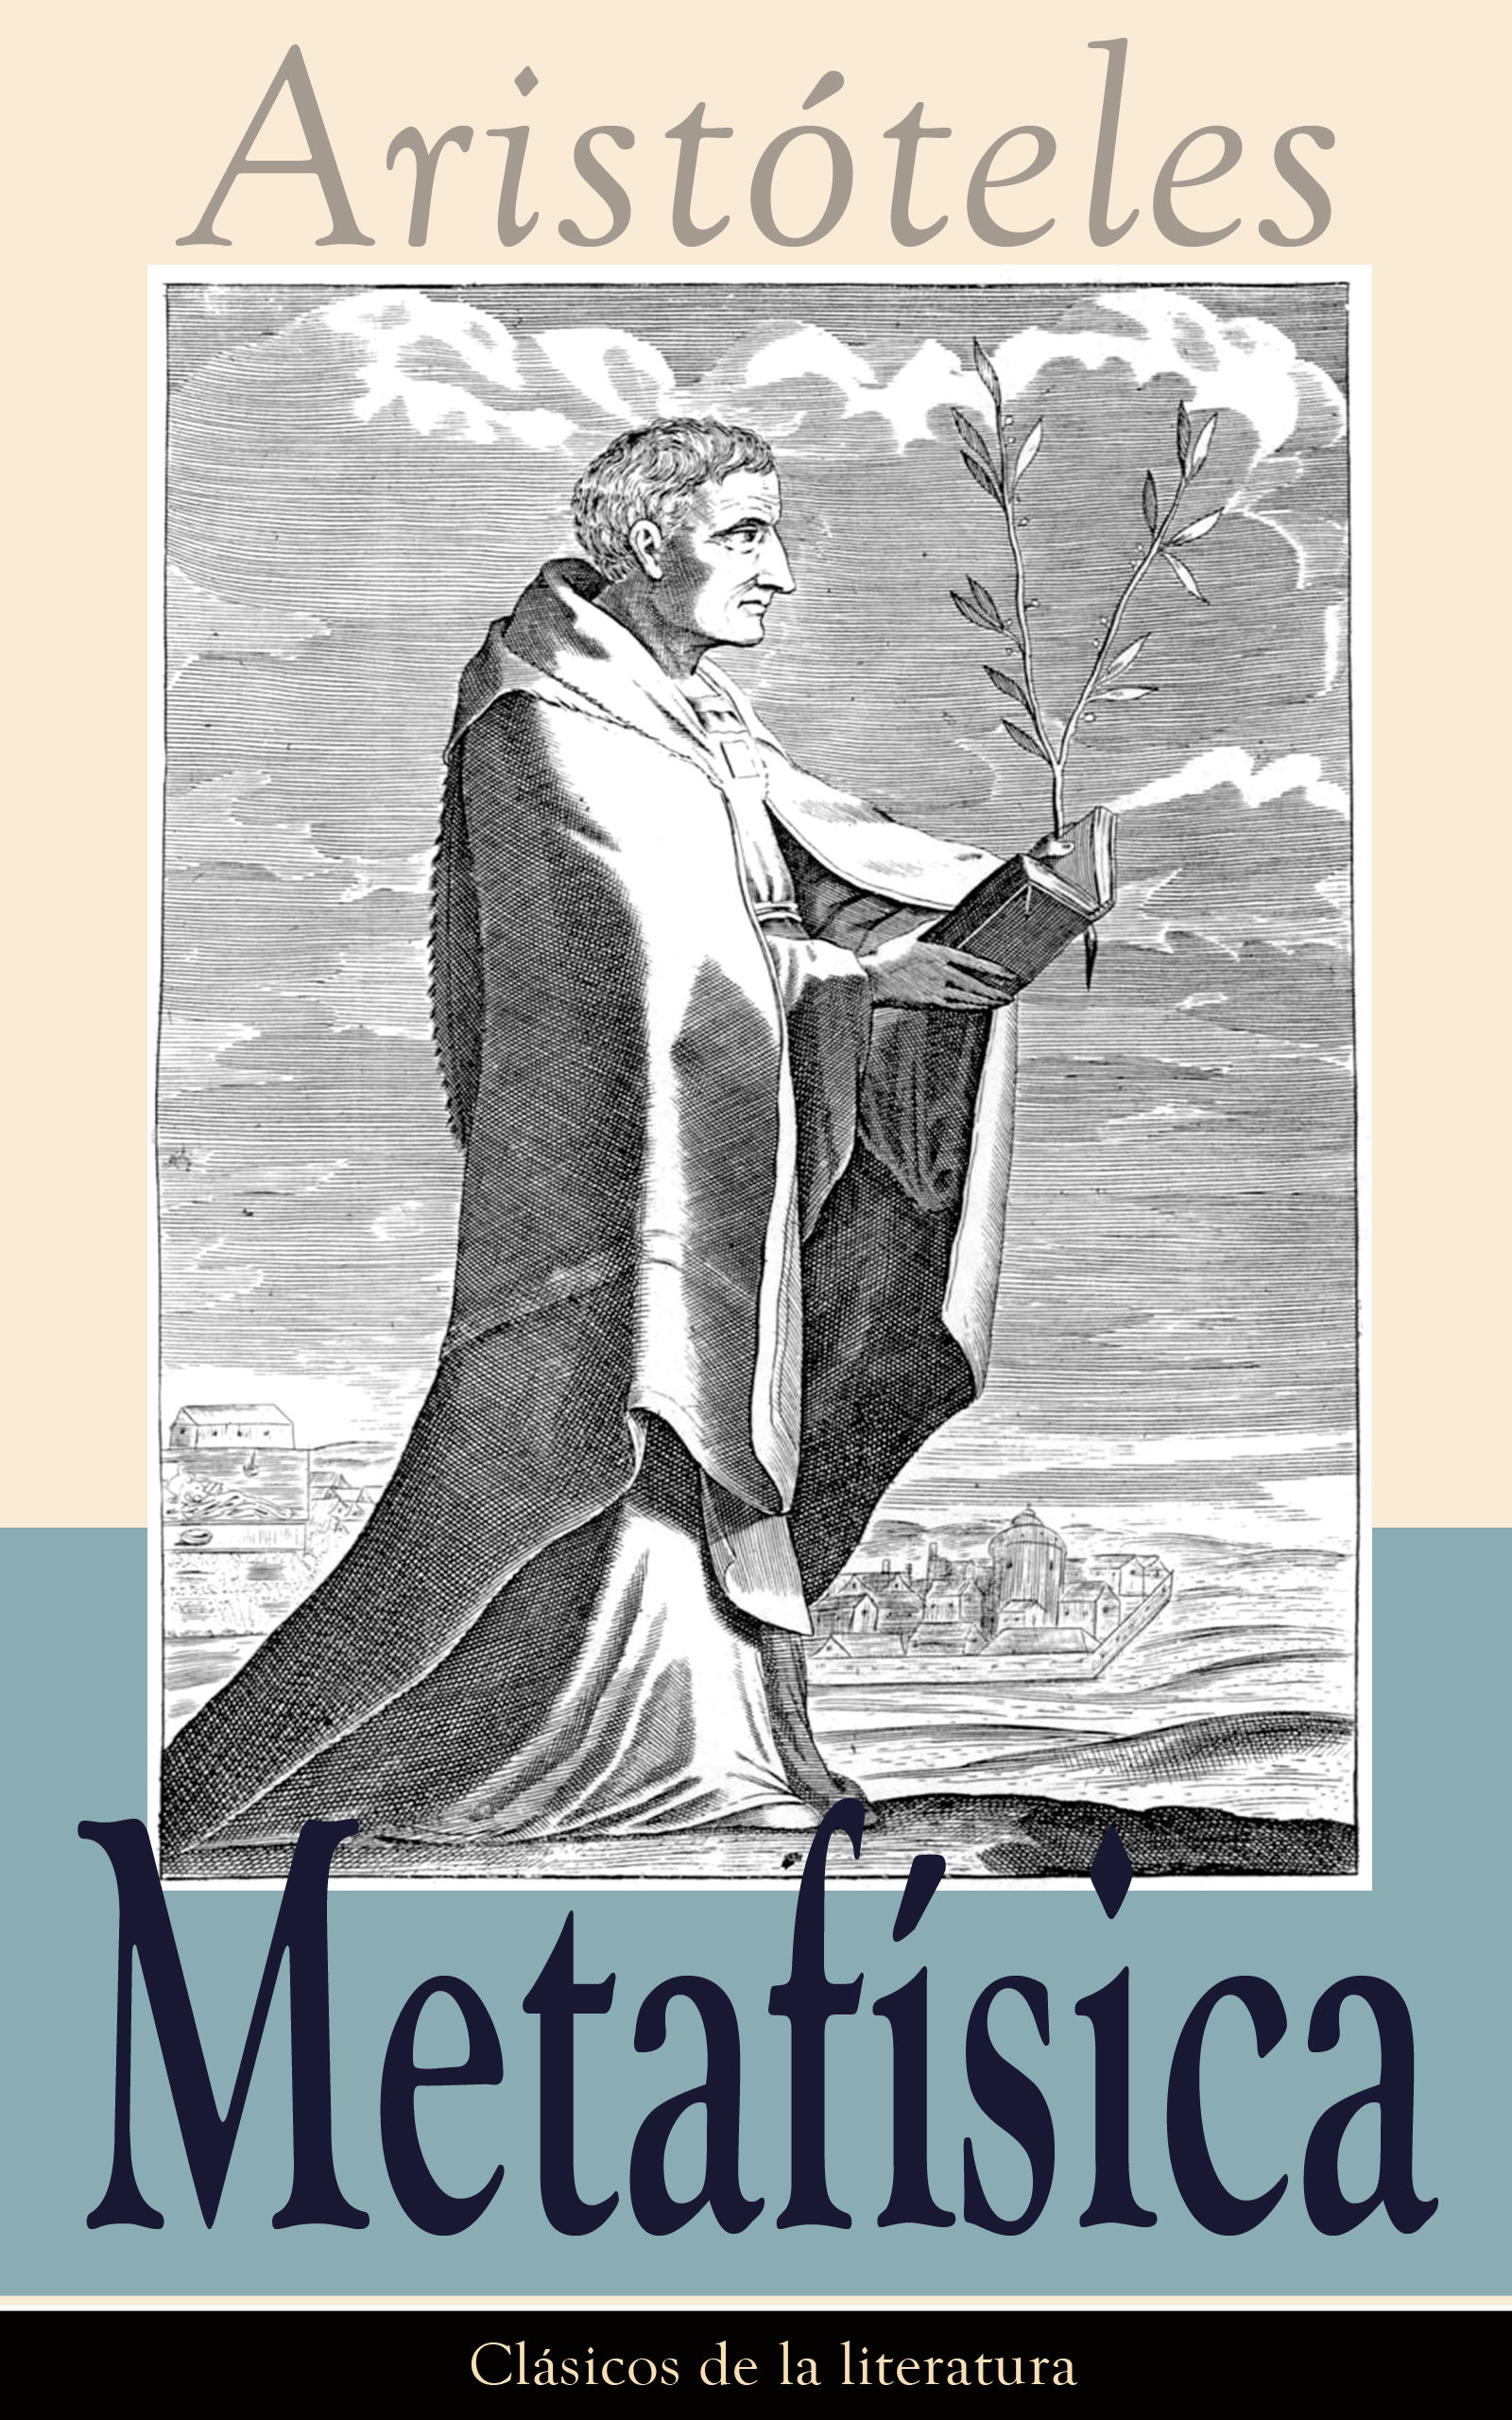 Metafísica: Clásicos de la literatura